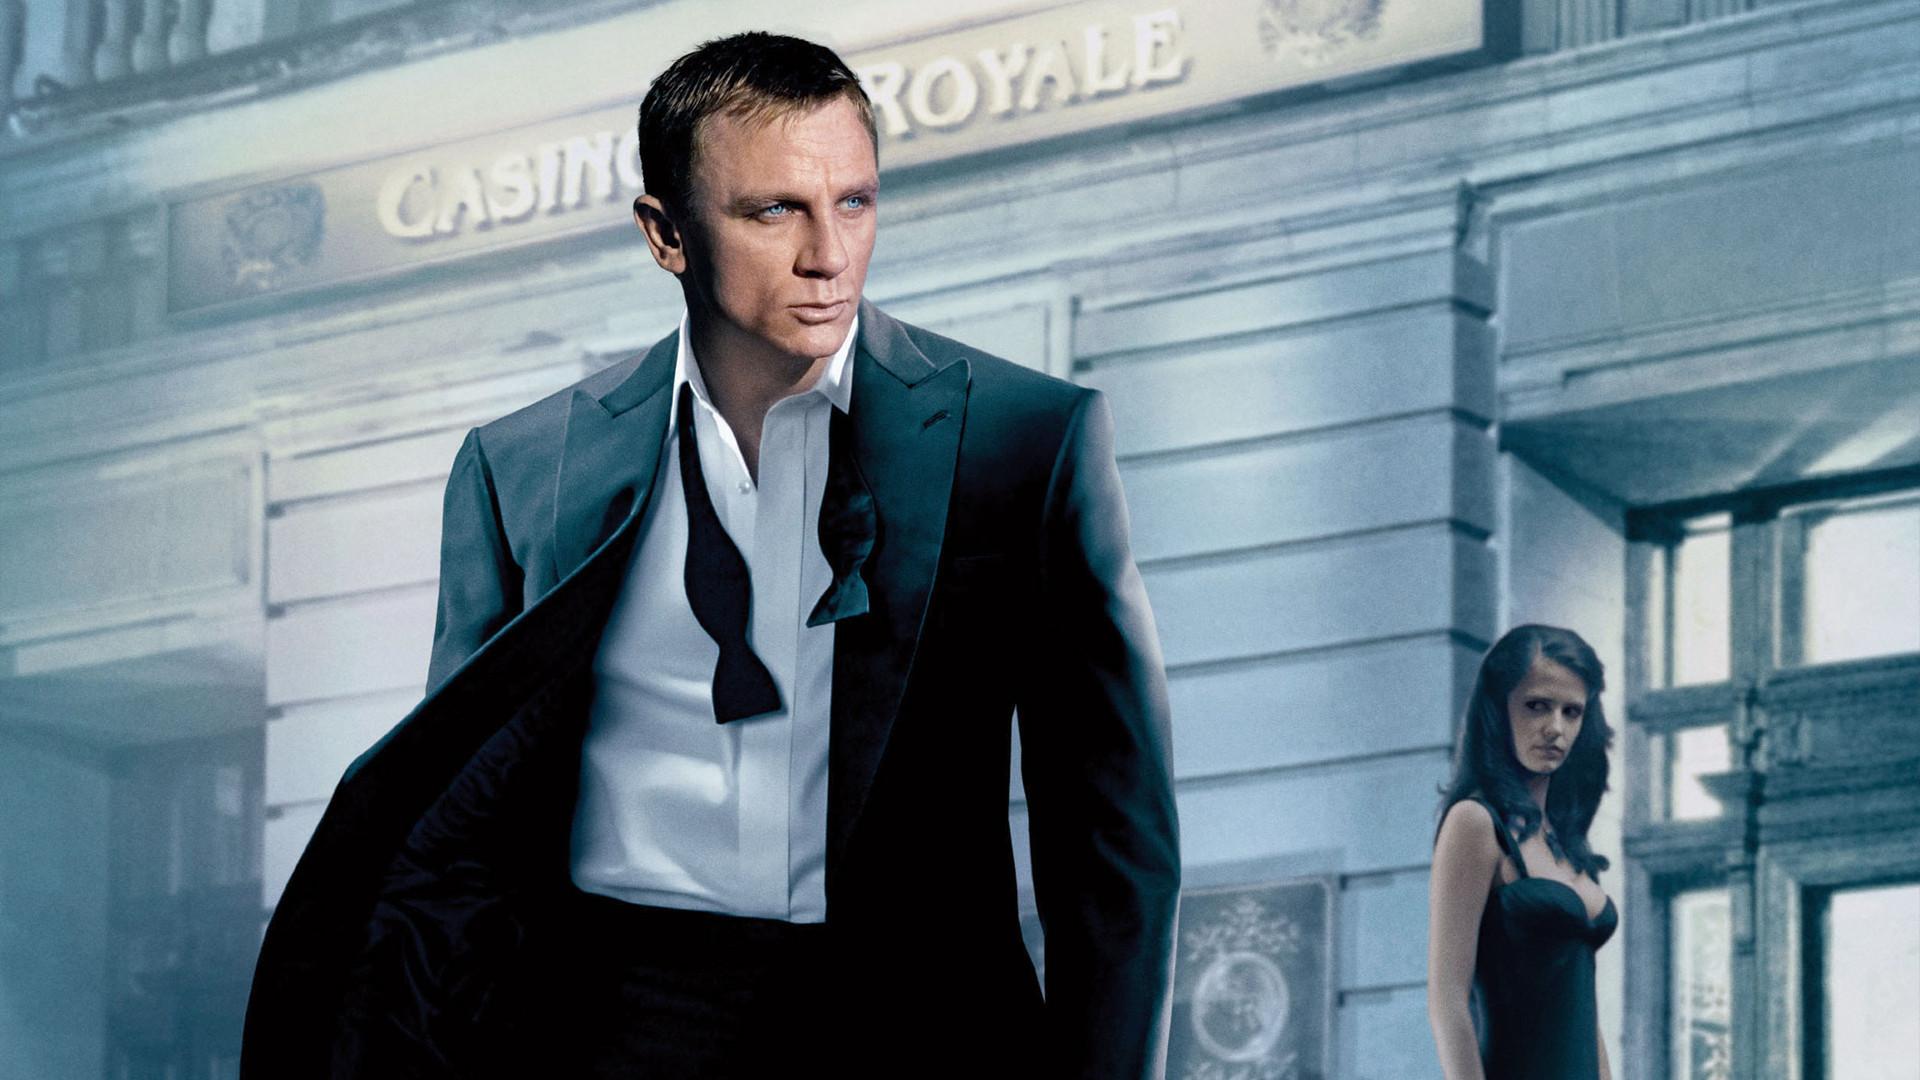 casino royale tv movie